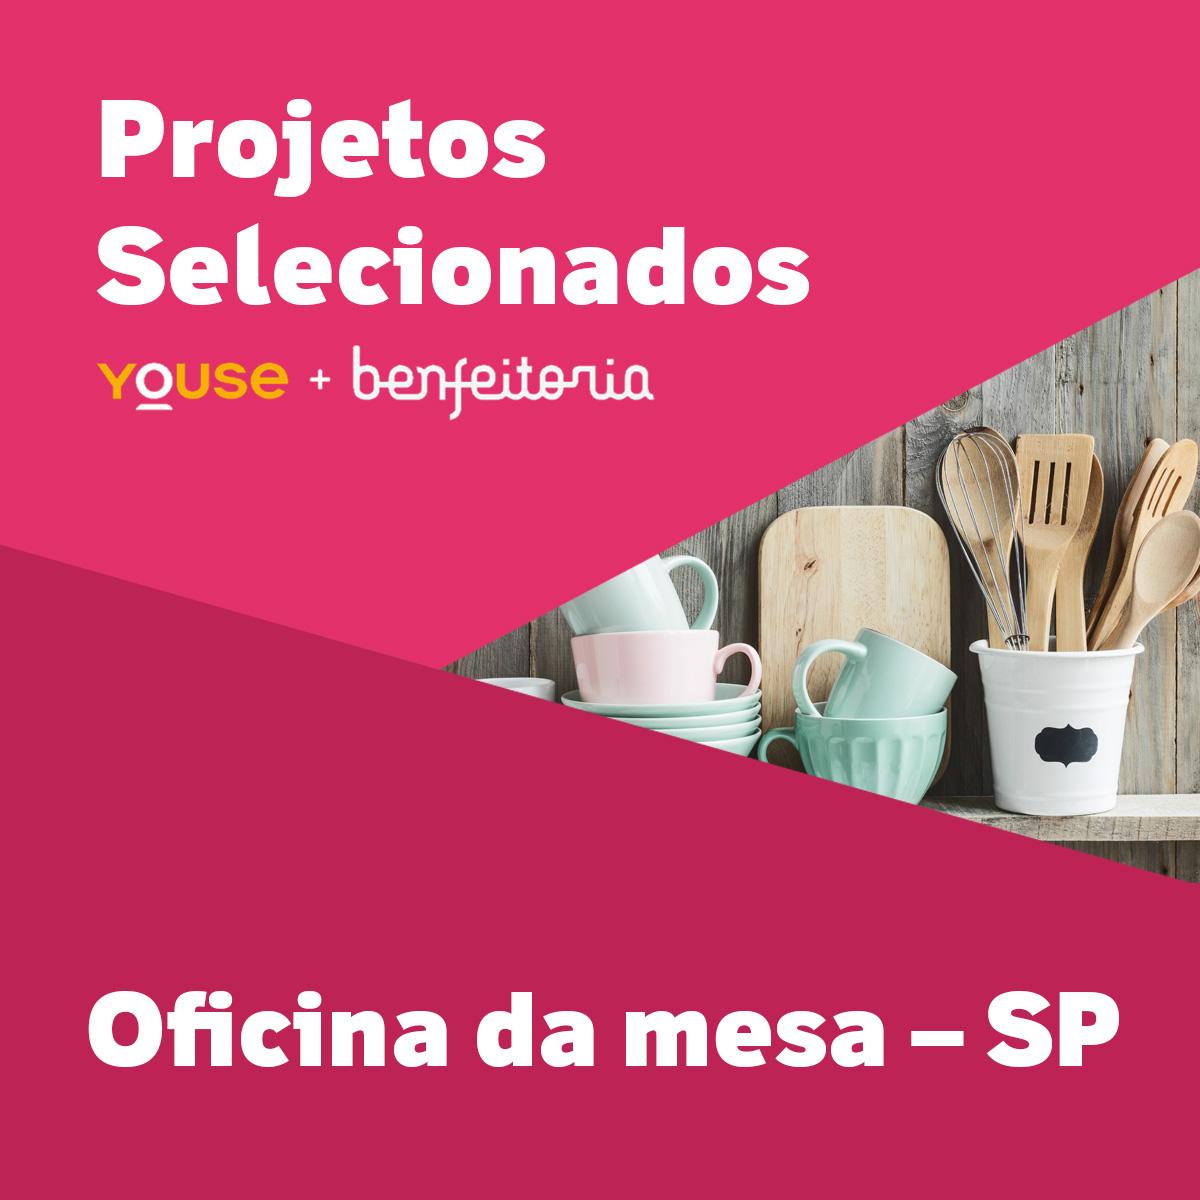 Projetos Selecionados - Oficina da mesa - SP